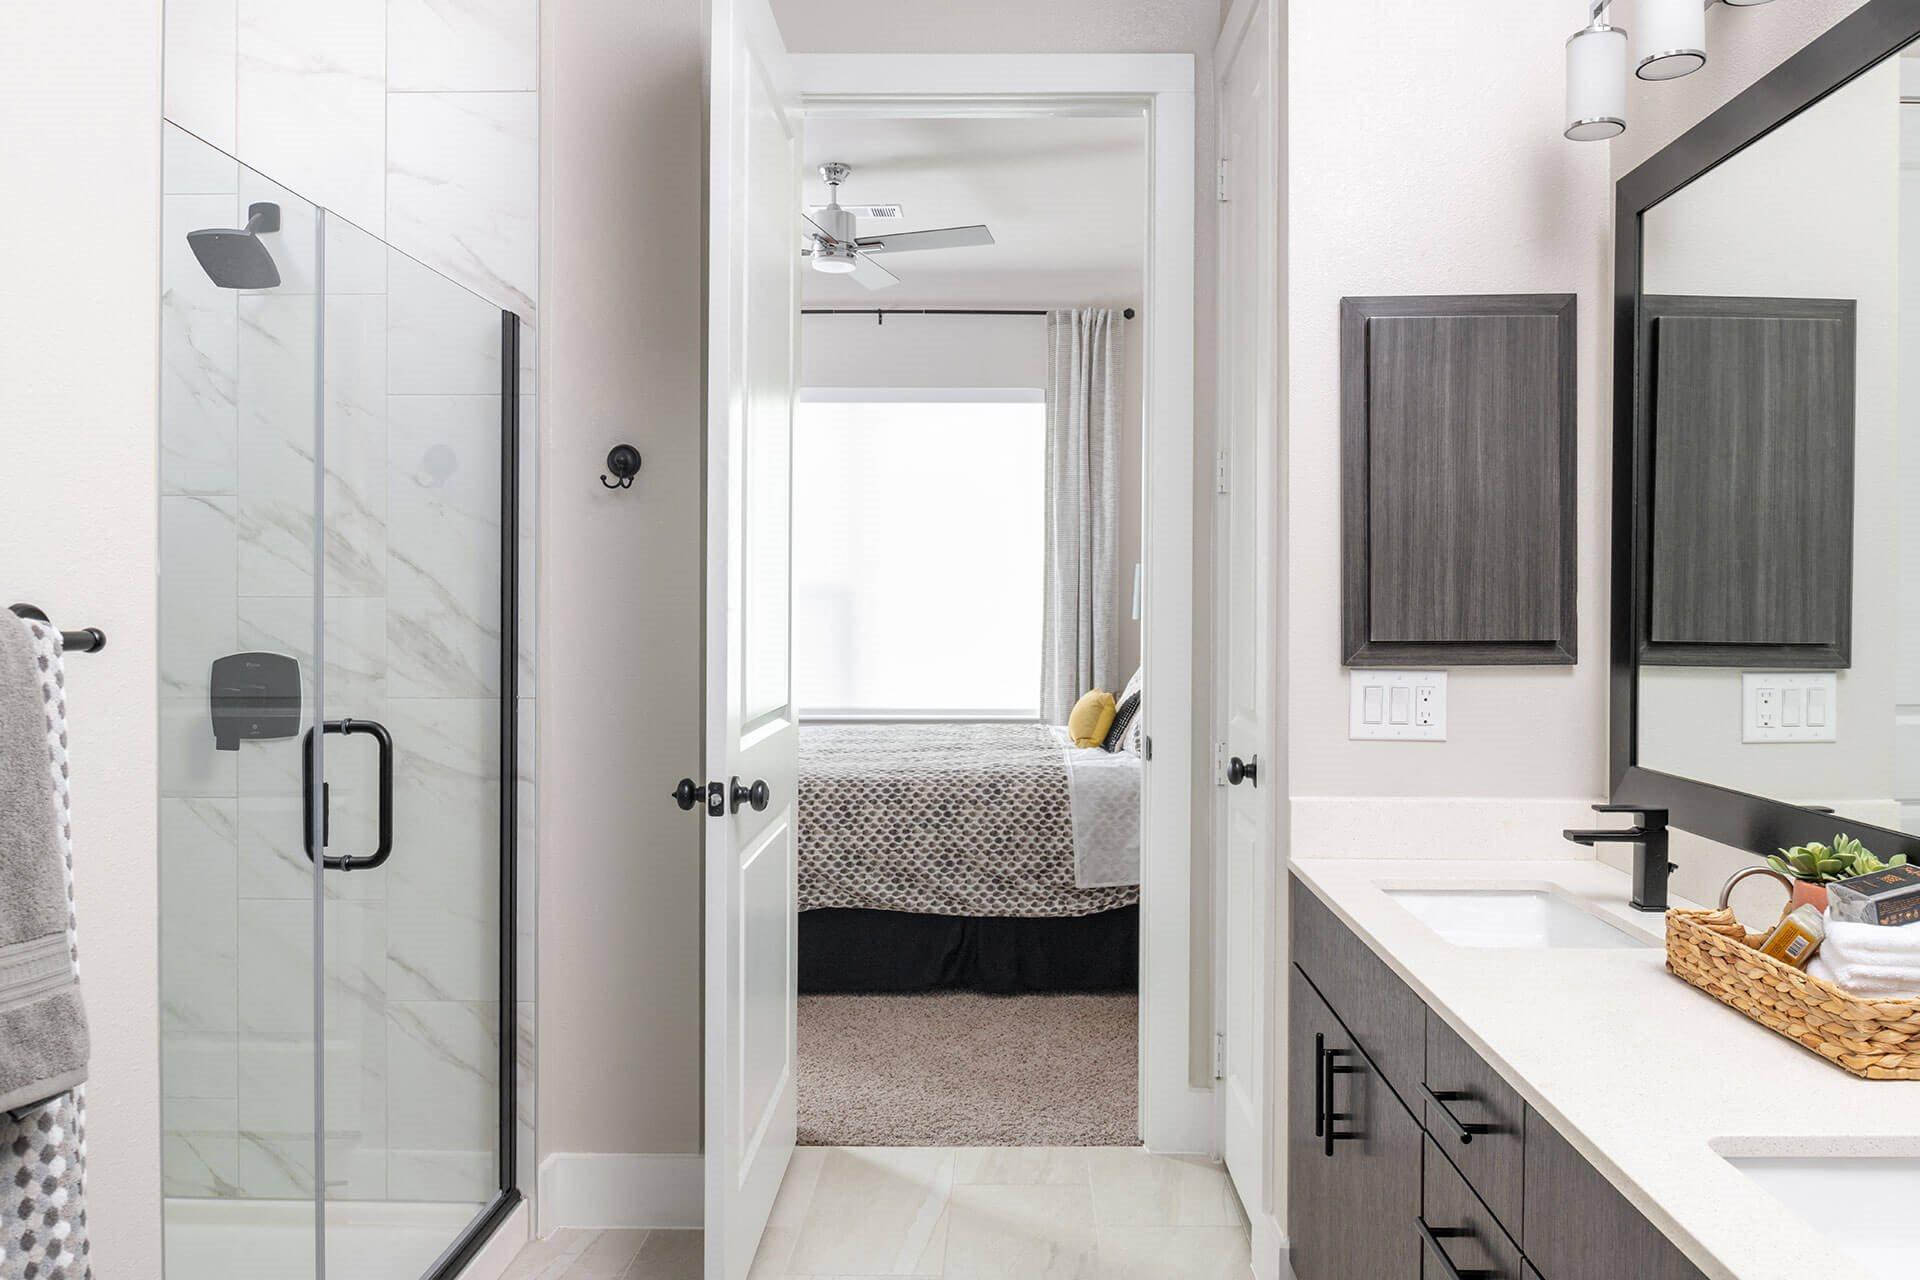 Stand Up Showers in Bathroom at Windsor Burnet, 10301 Burnet Rd, Austin